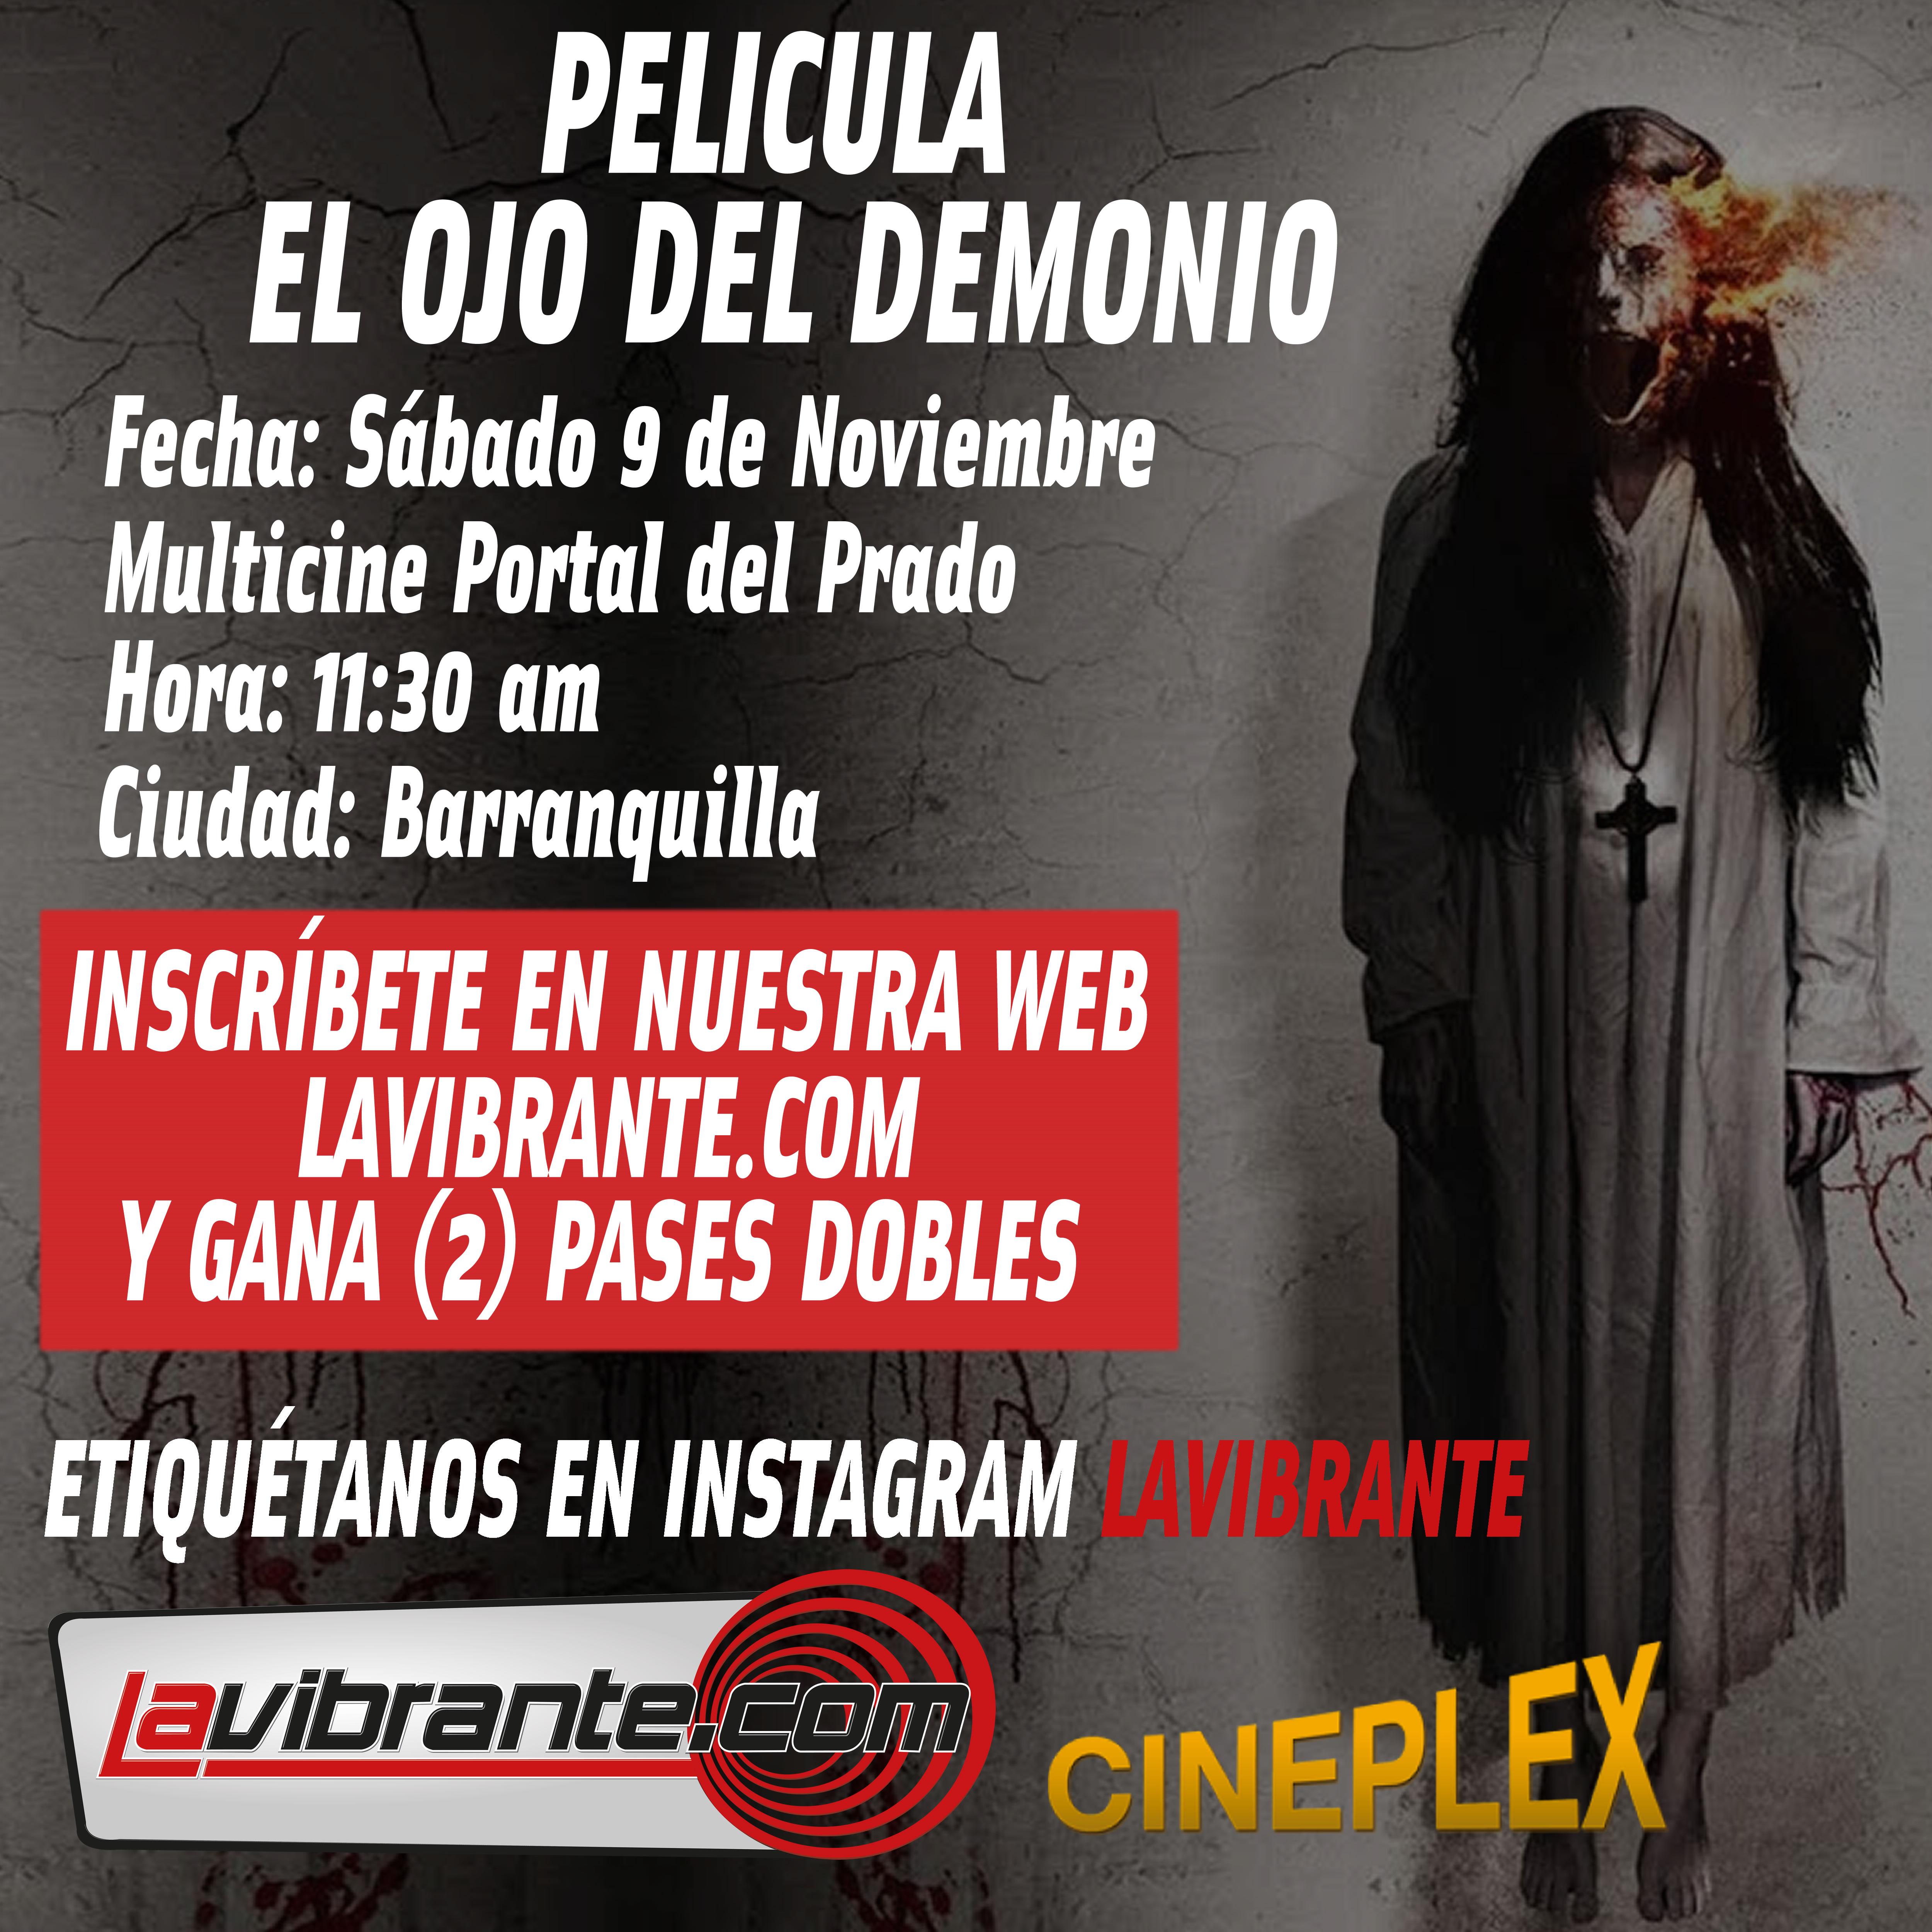 «Ojo del Demonio», gana pases dobles con lavibrante.com y Royal Films para el 9 de Noviembre